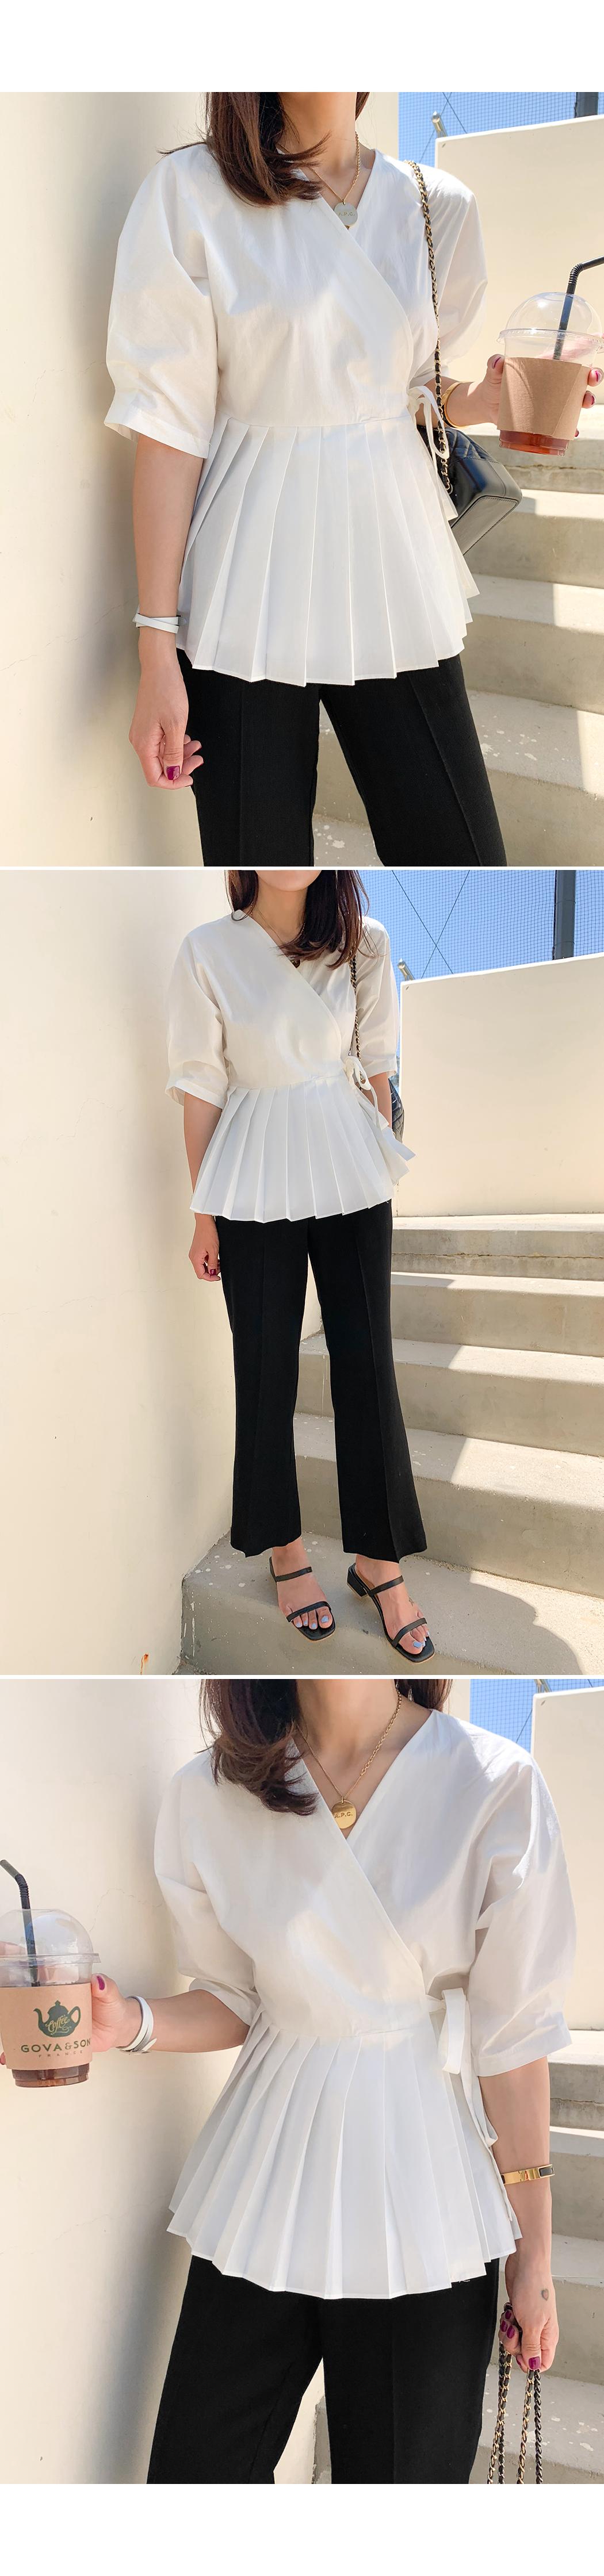 Soft garment linen slack